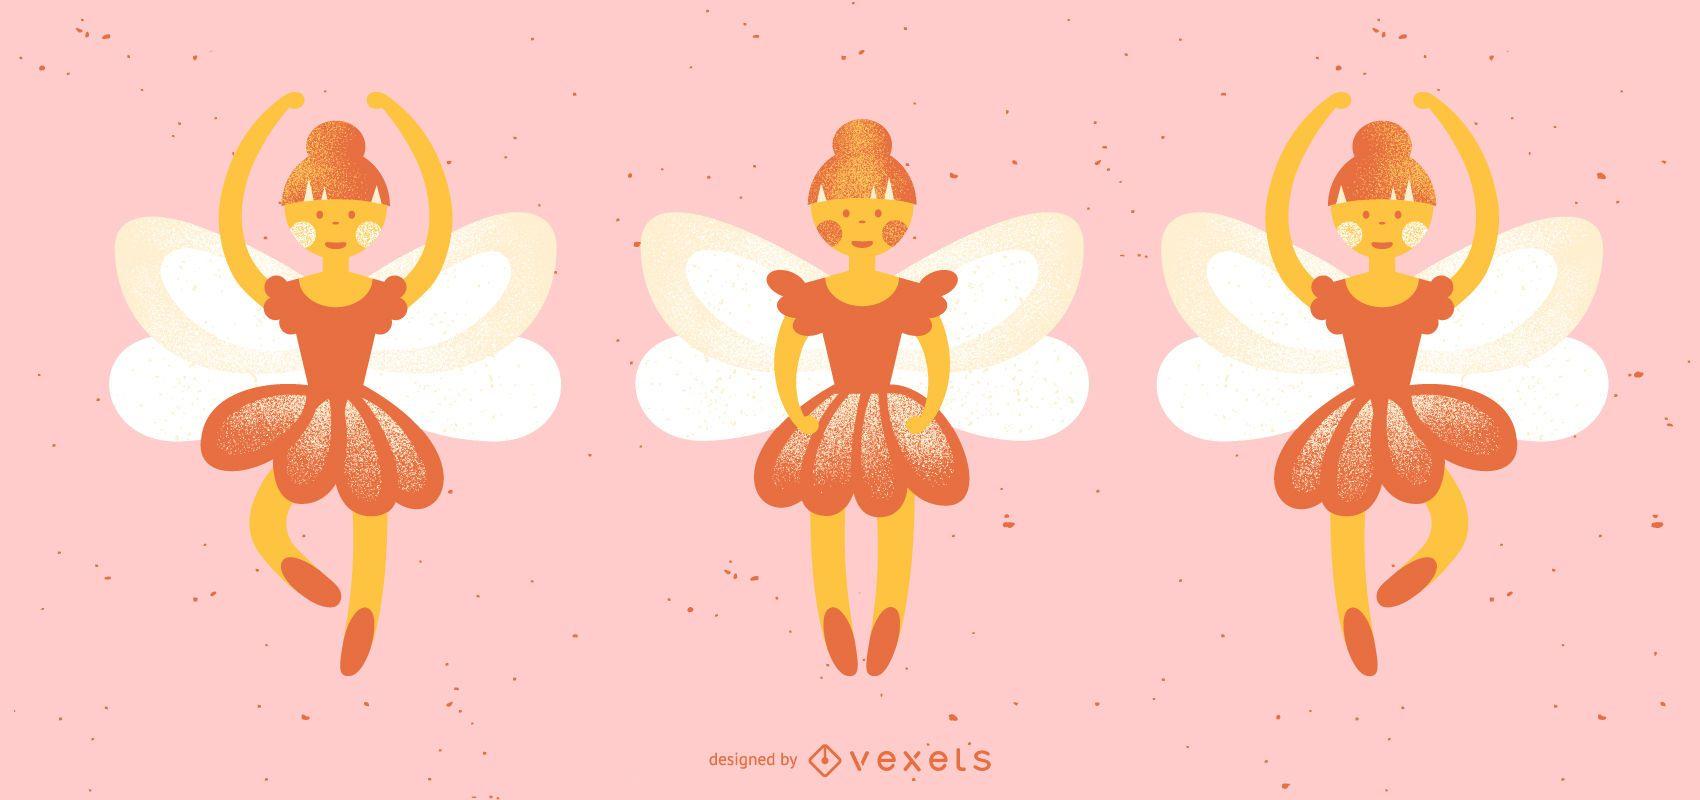 Nutcracker fairies vector set